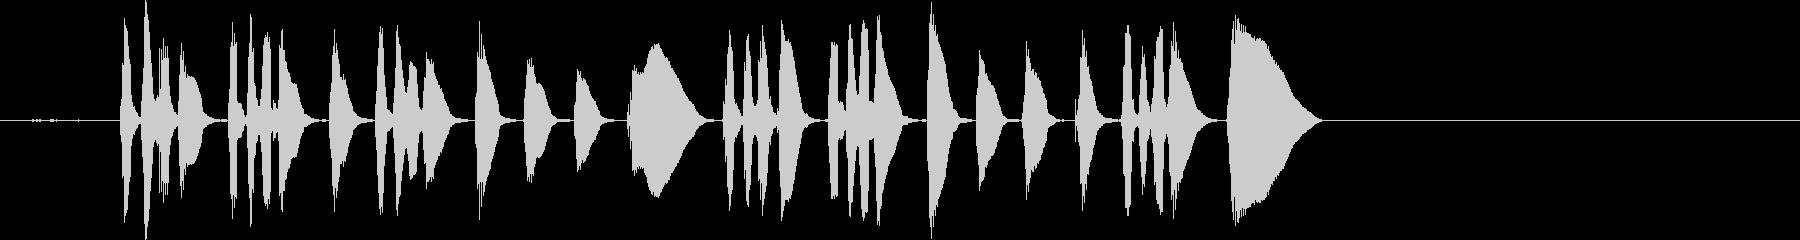 ビューグルは、最初の呼び出しΓÇÖ...の未再生の波形